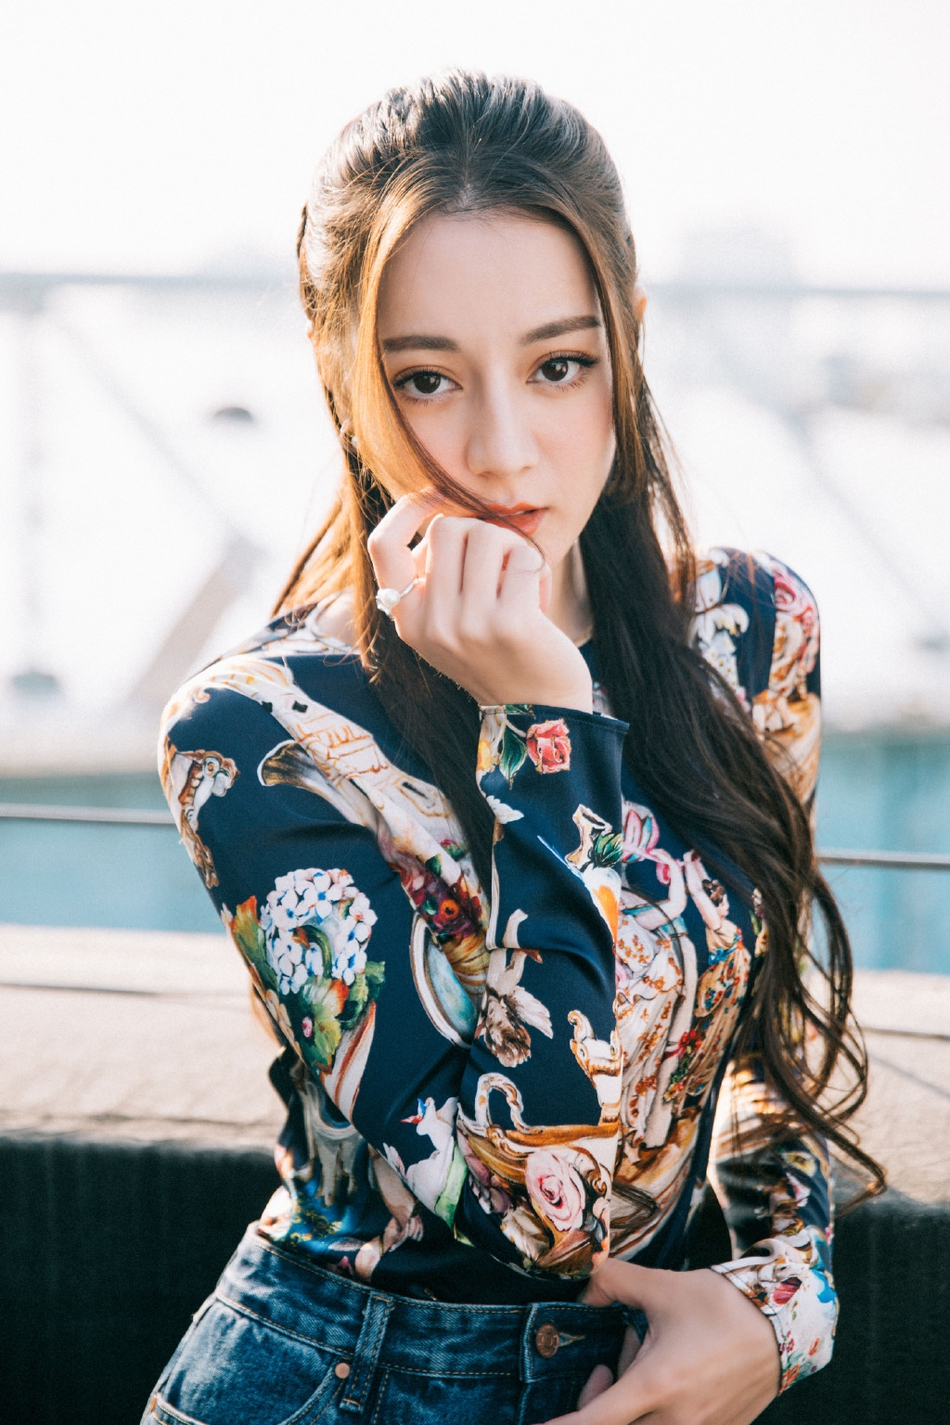 """热巴印花上衣配鱼尾裙优雅俏皮 s型曲线秒变""""小腰精"""""""